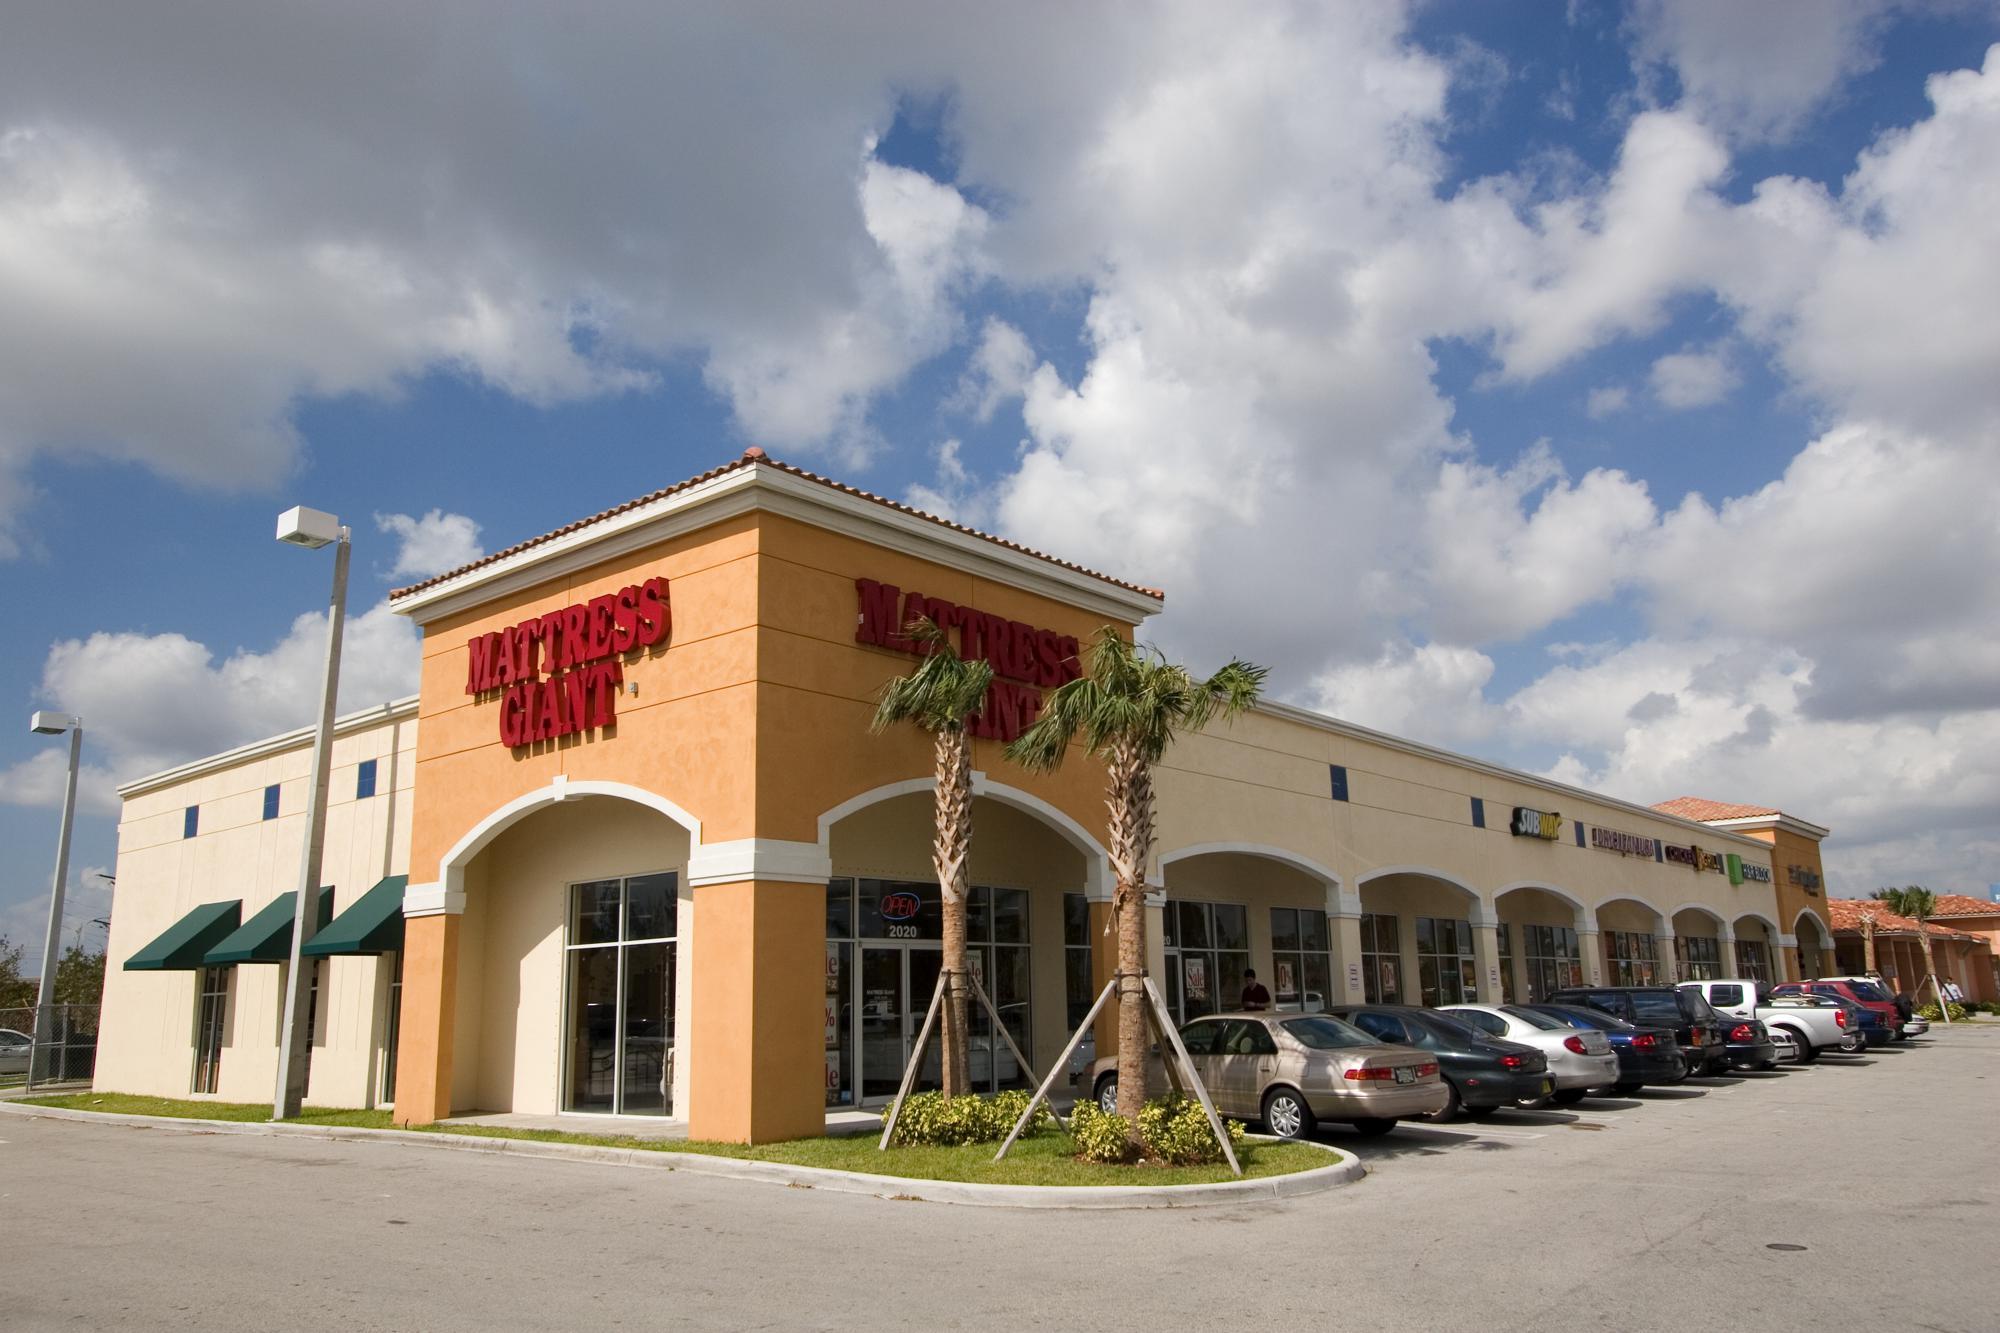 Doral Pointe Shopping Center